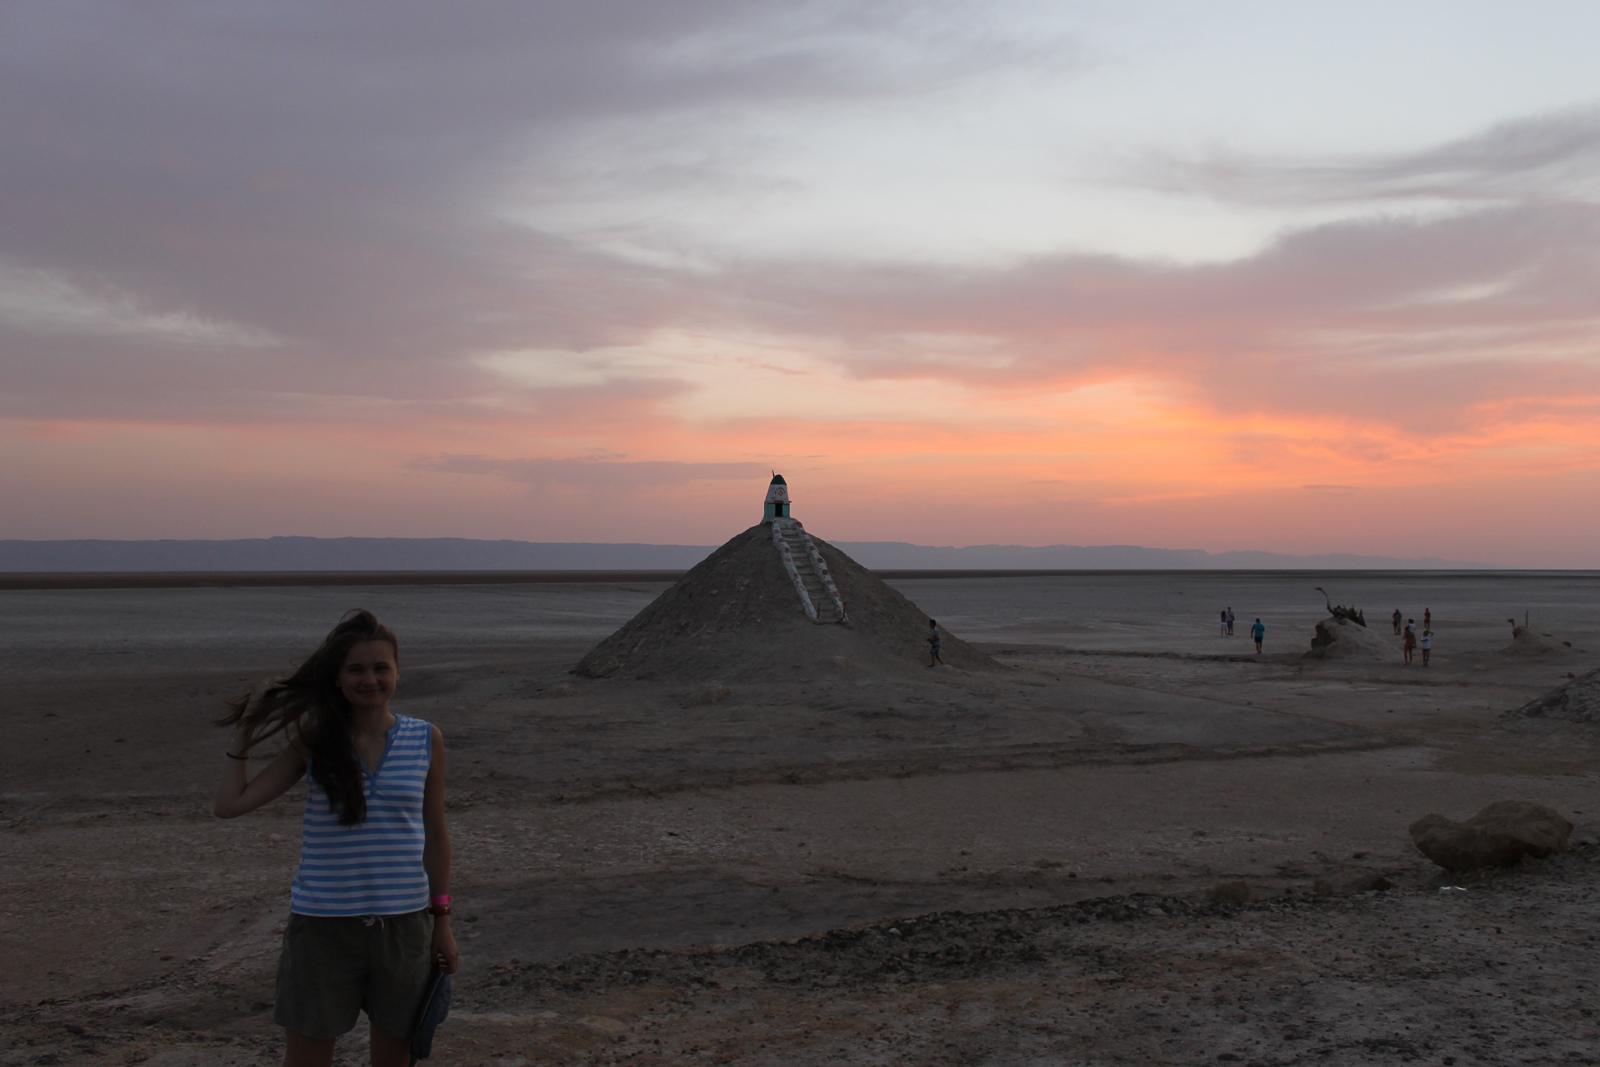 строение в пустыне